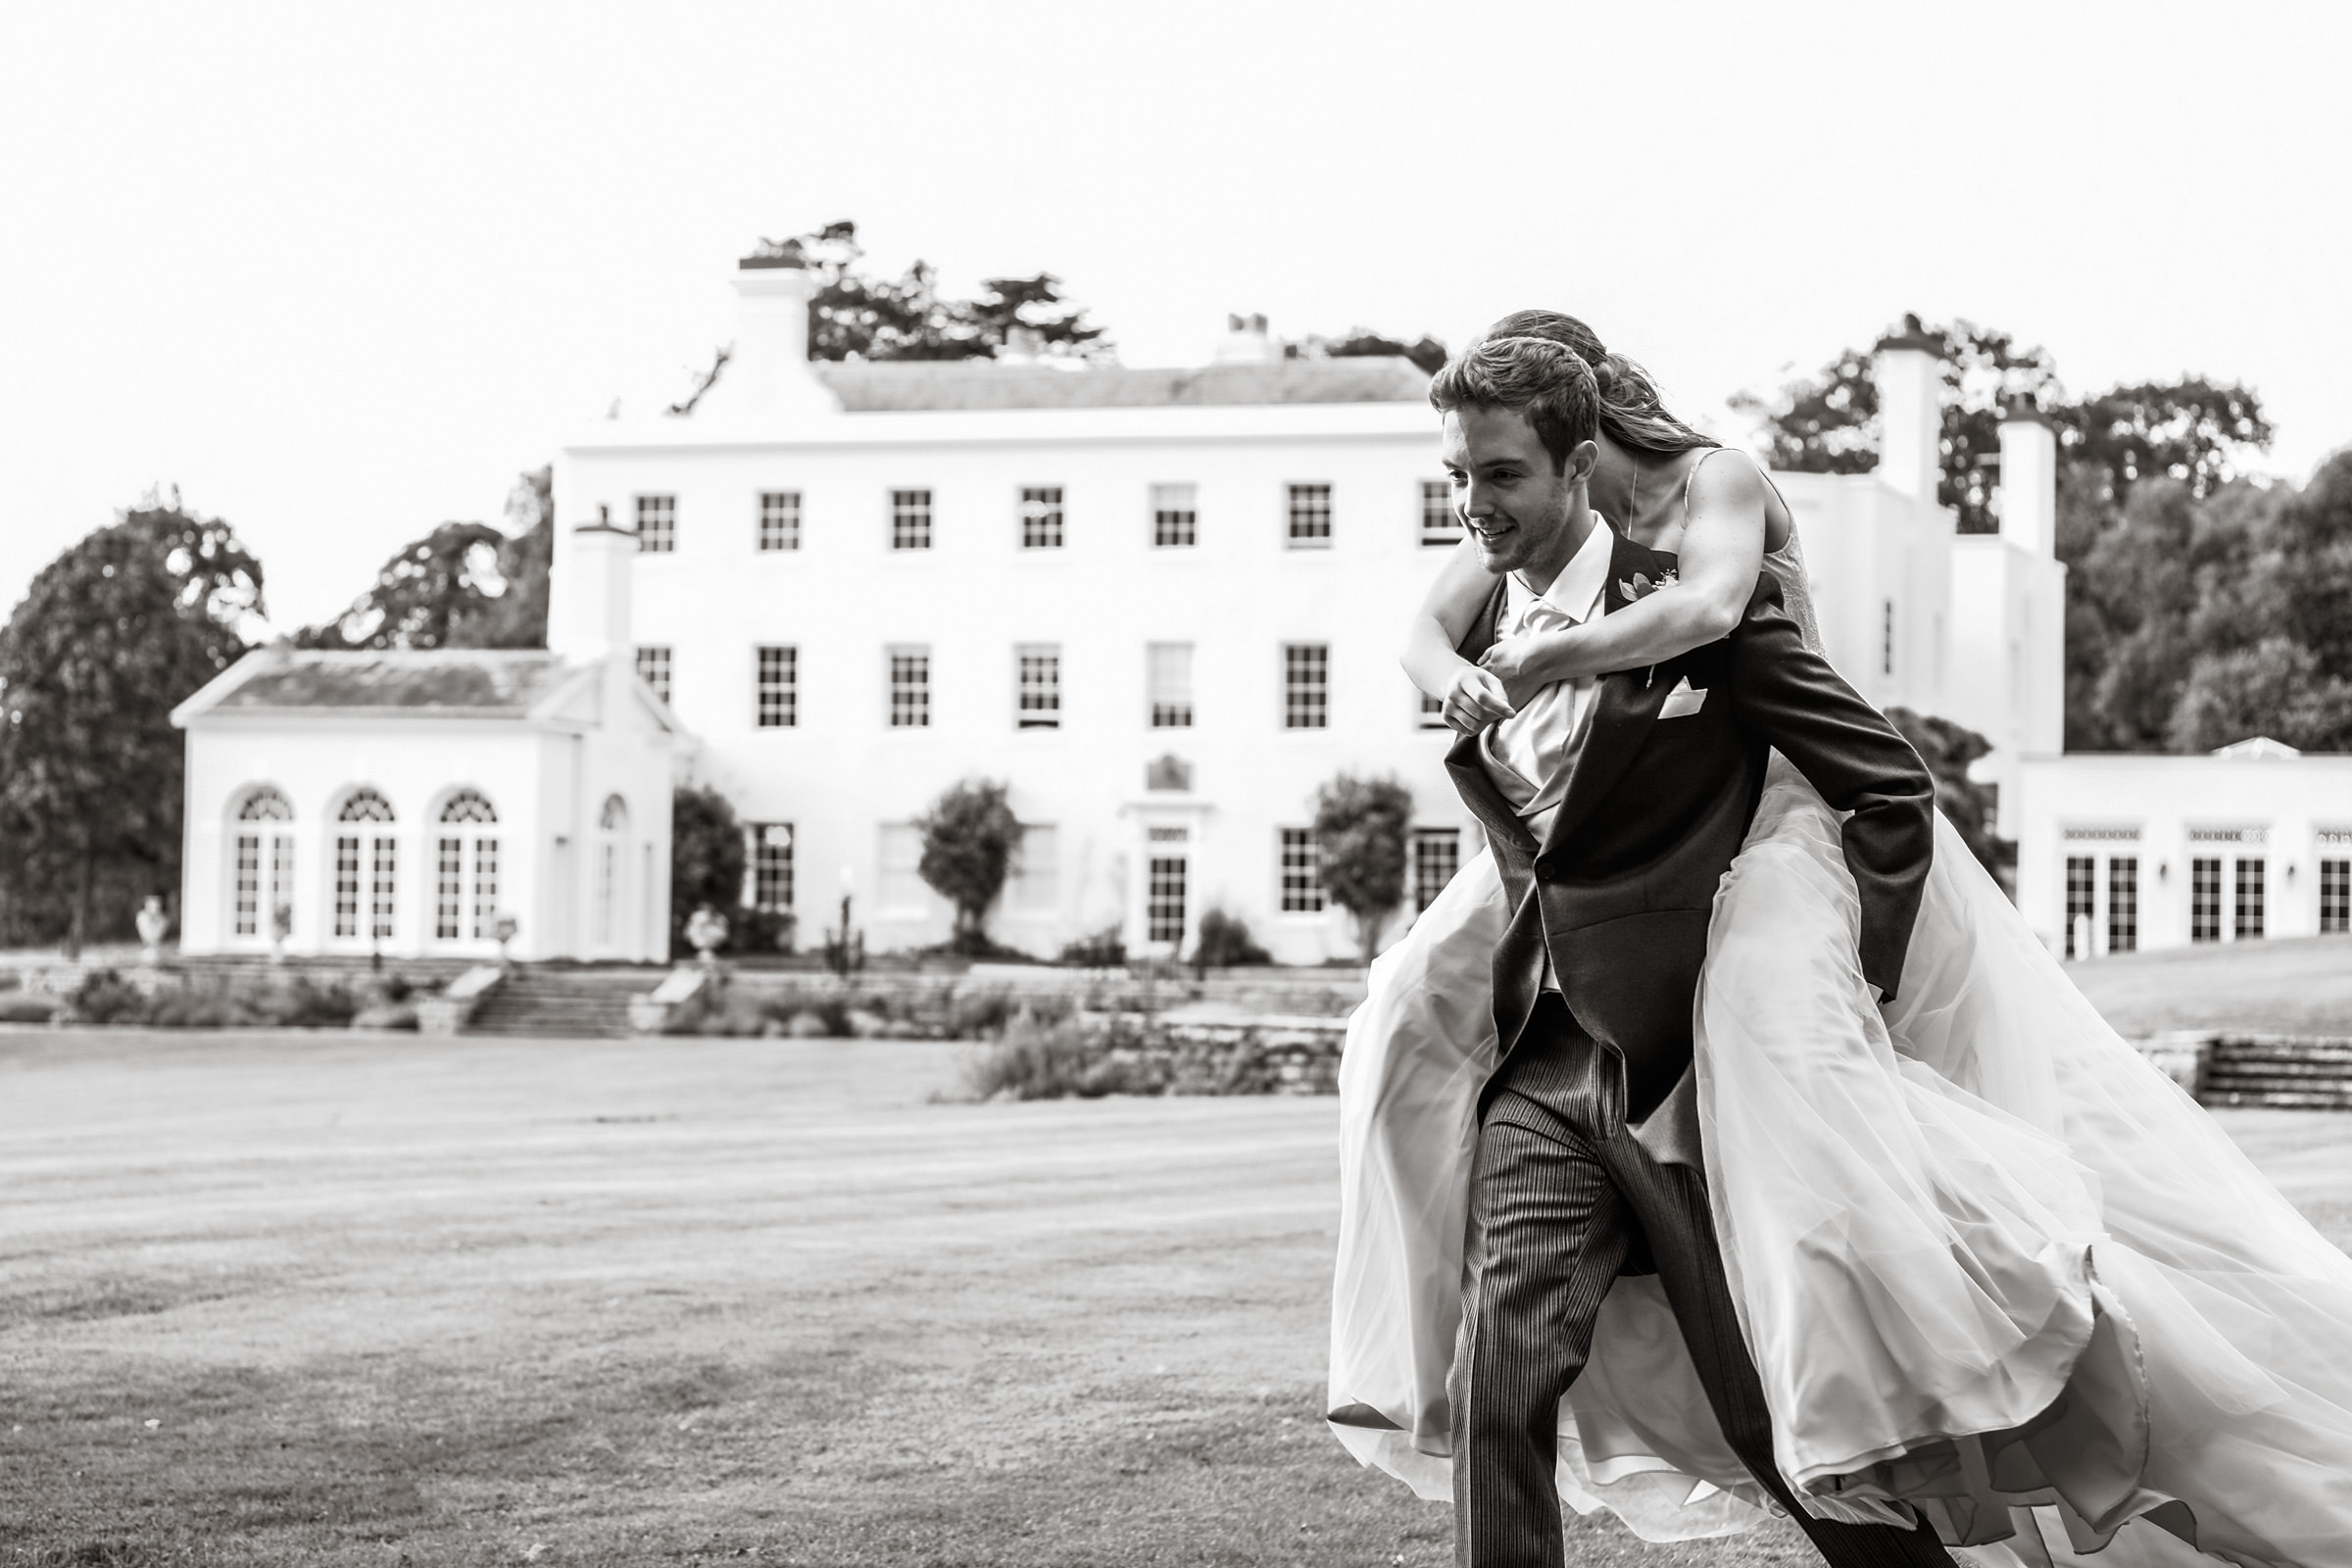 Rockbeare+Manor+Wedding+Photos+Devon+027.jpg